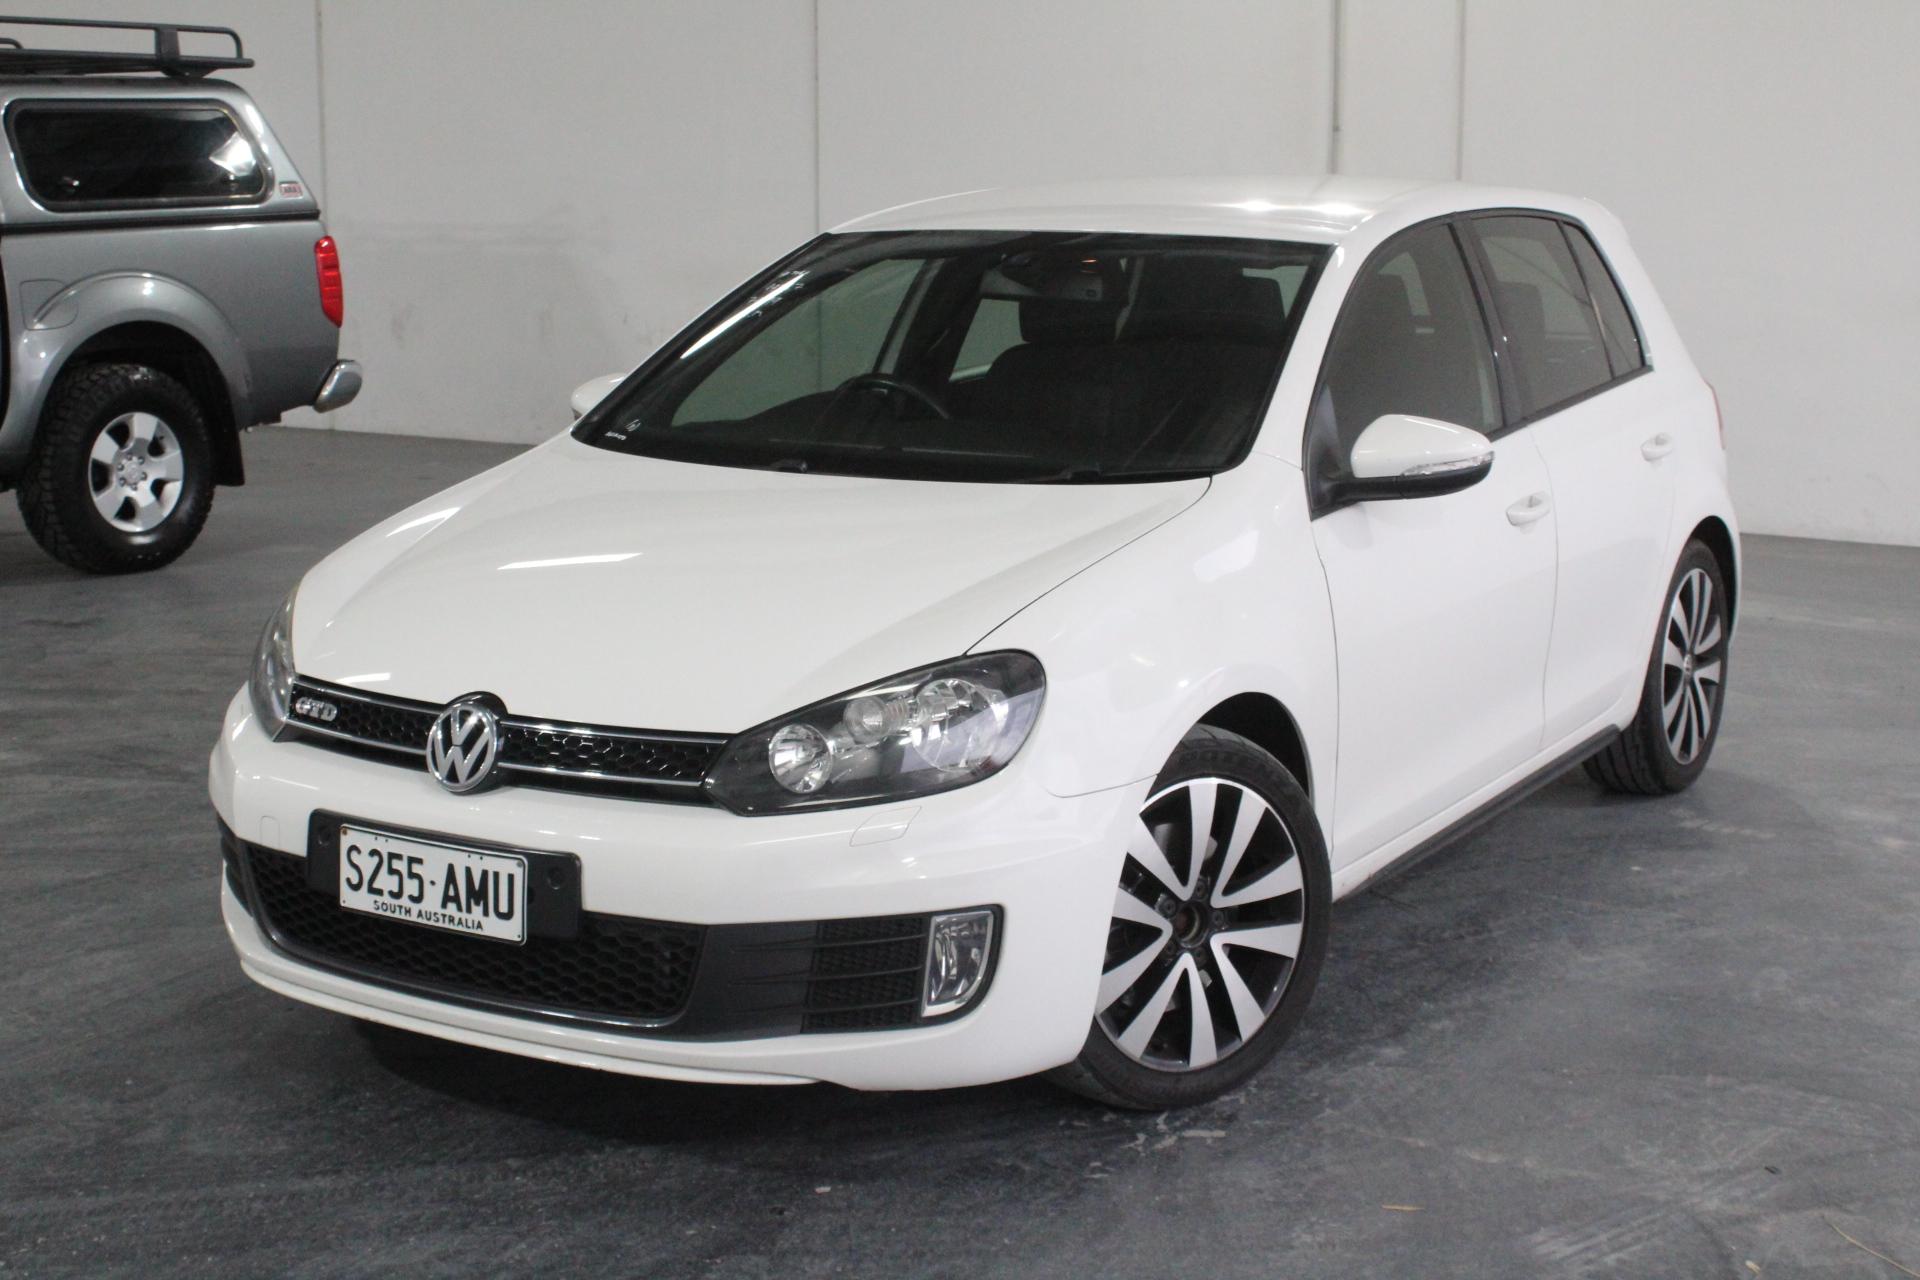 2012 Volkswagen Golf GTD A6 Automatic Hatchback